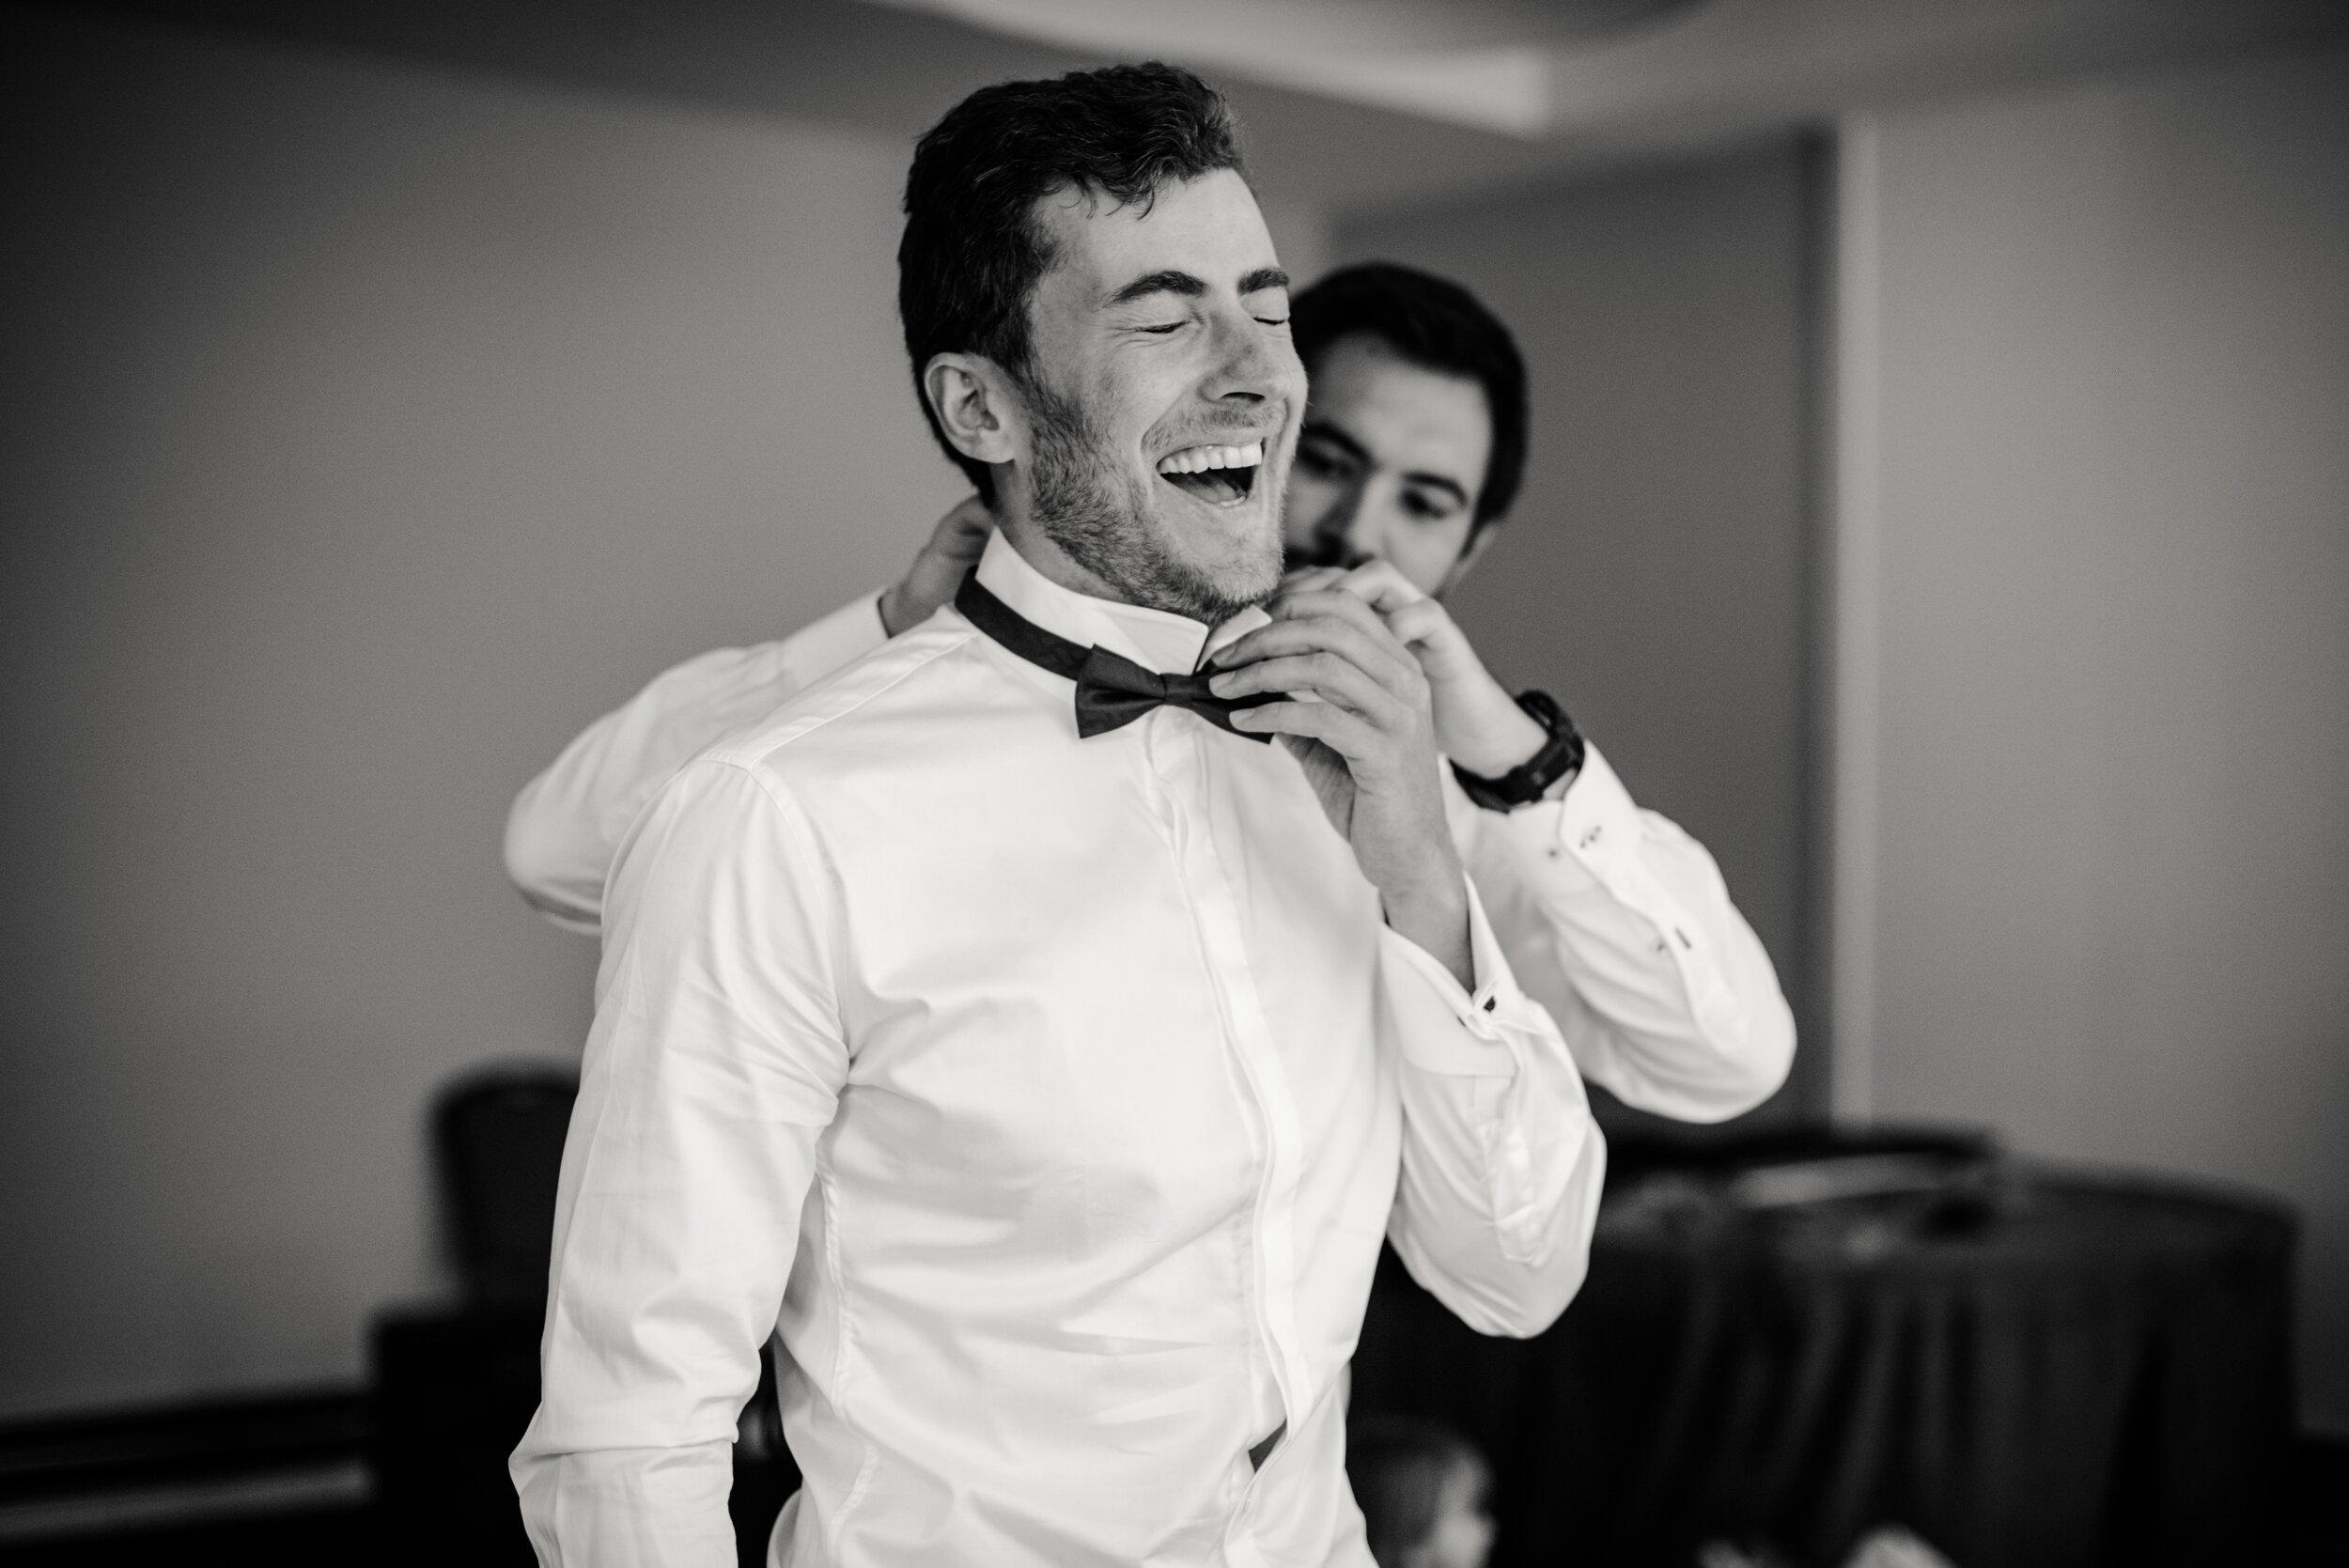 Léa-Fery-photographe-professionnel-lyon-rhone-alpes-portrait-creation-mariage-evenement-evenementiel-famille-3987.jpg